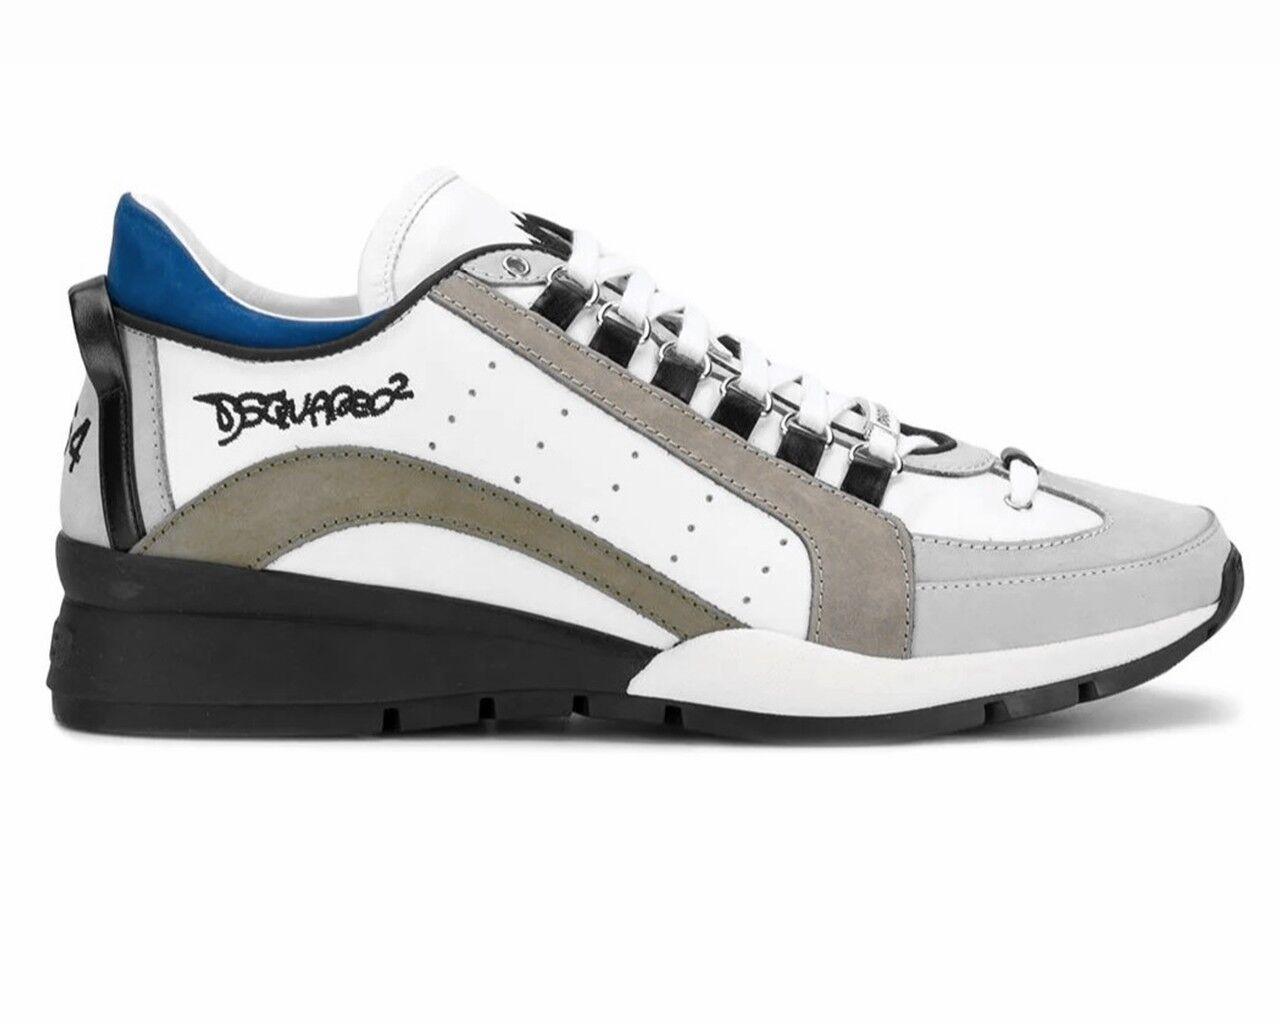 DsquaROT2 551 Sneakers Snm0404 M1475 Leder DsquaROT Herren Turnschuhe Weiß